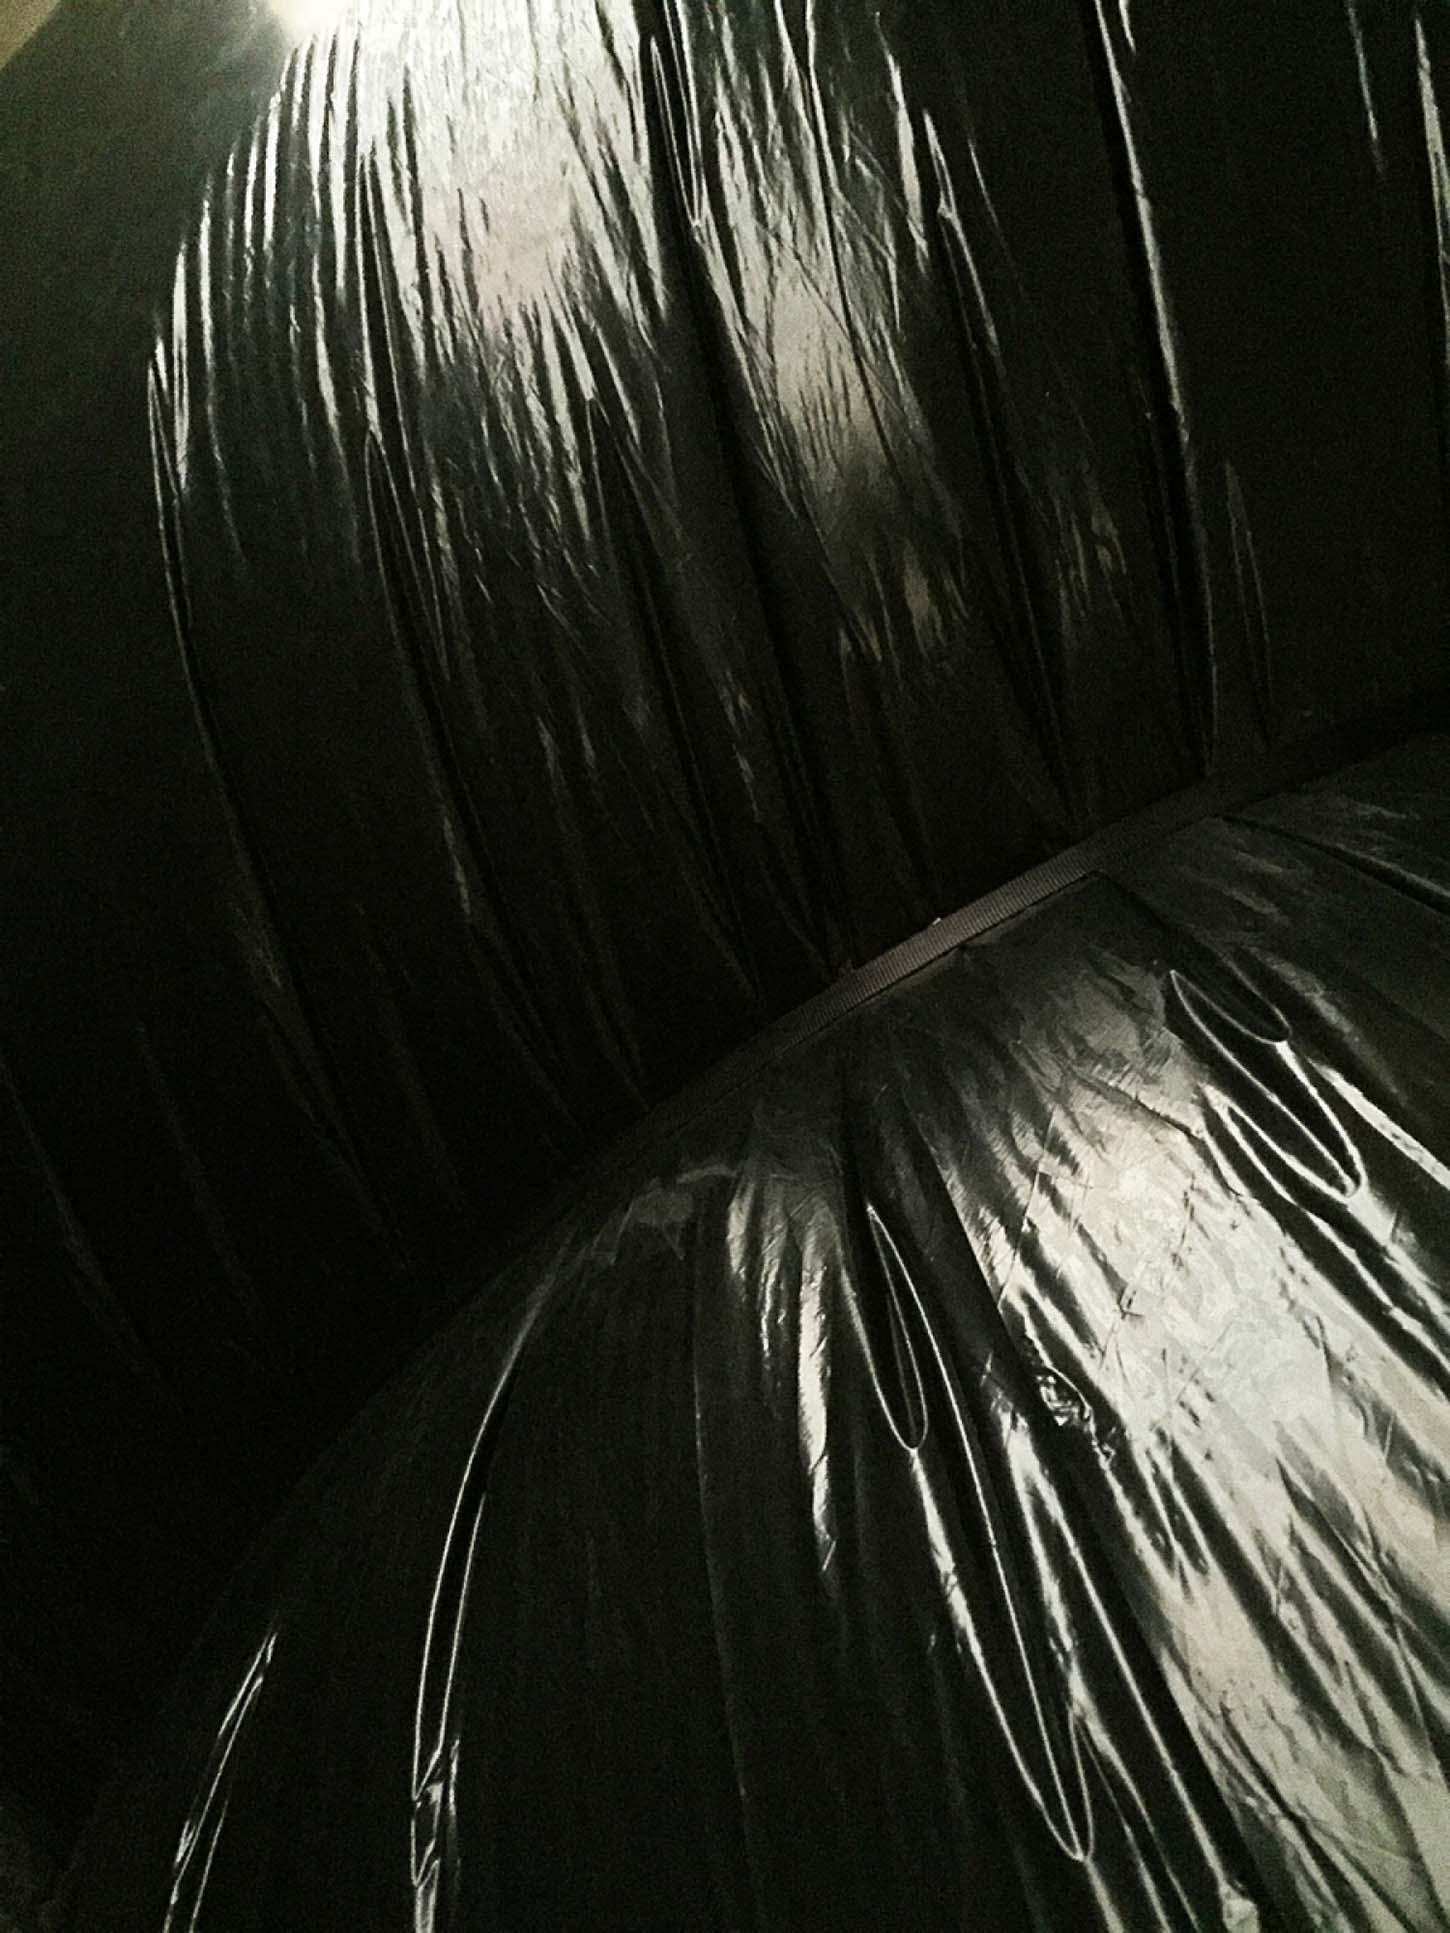 Stéphane Protic, Buccinum, 12x4 mètres, Polyéthylène, cordes, plaque de plâtres, portes, vlc, 2015.